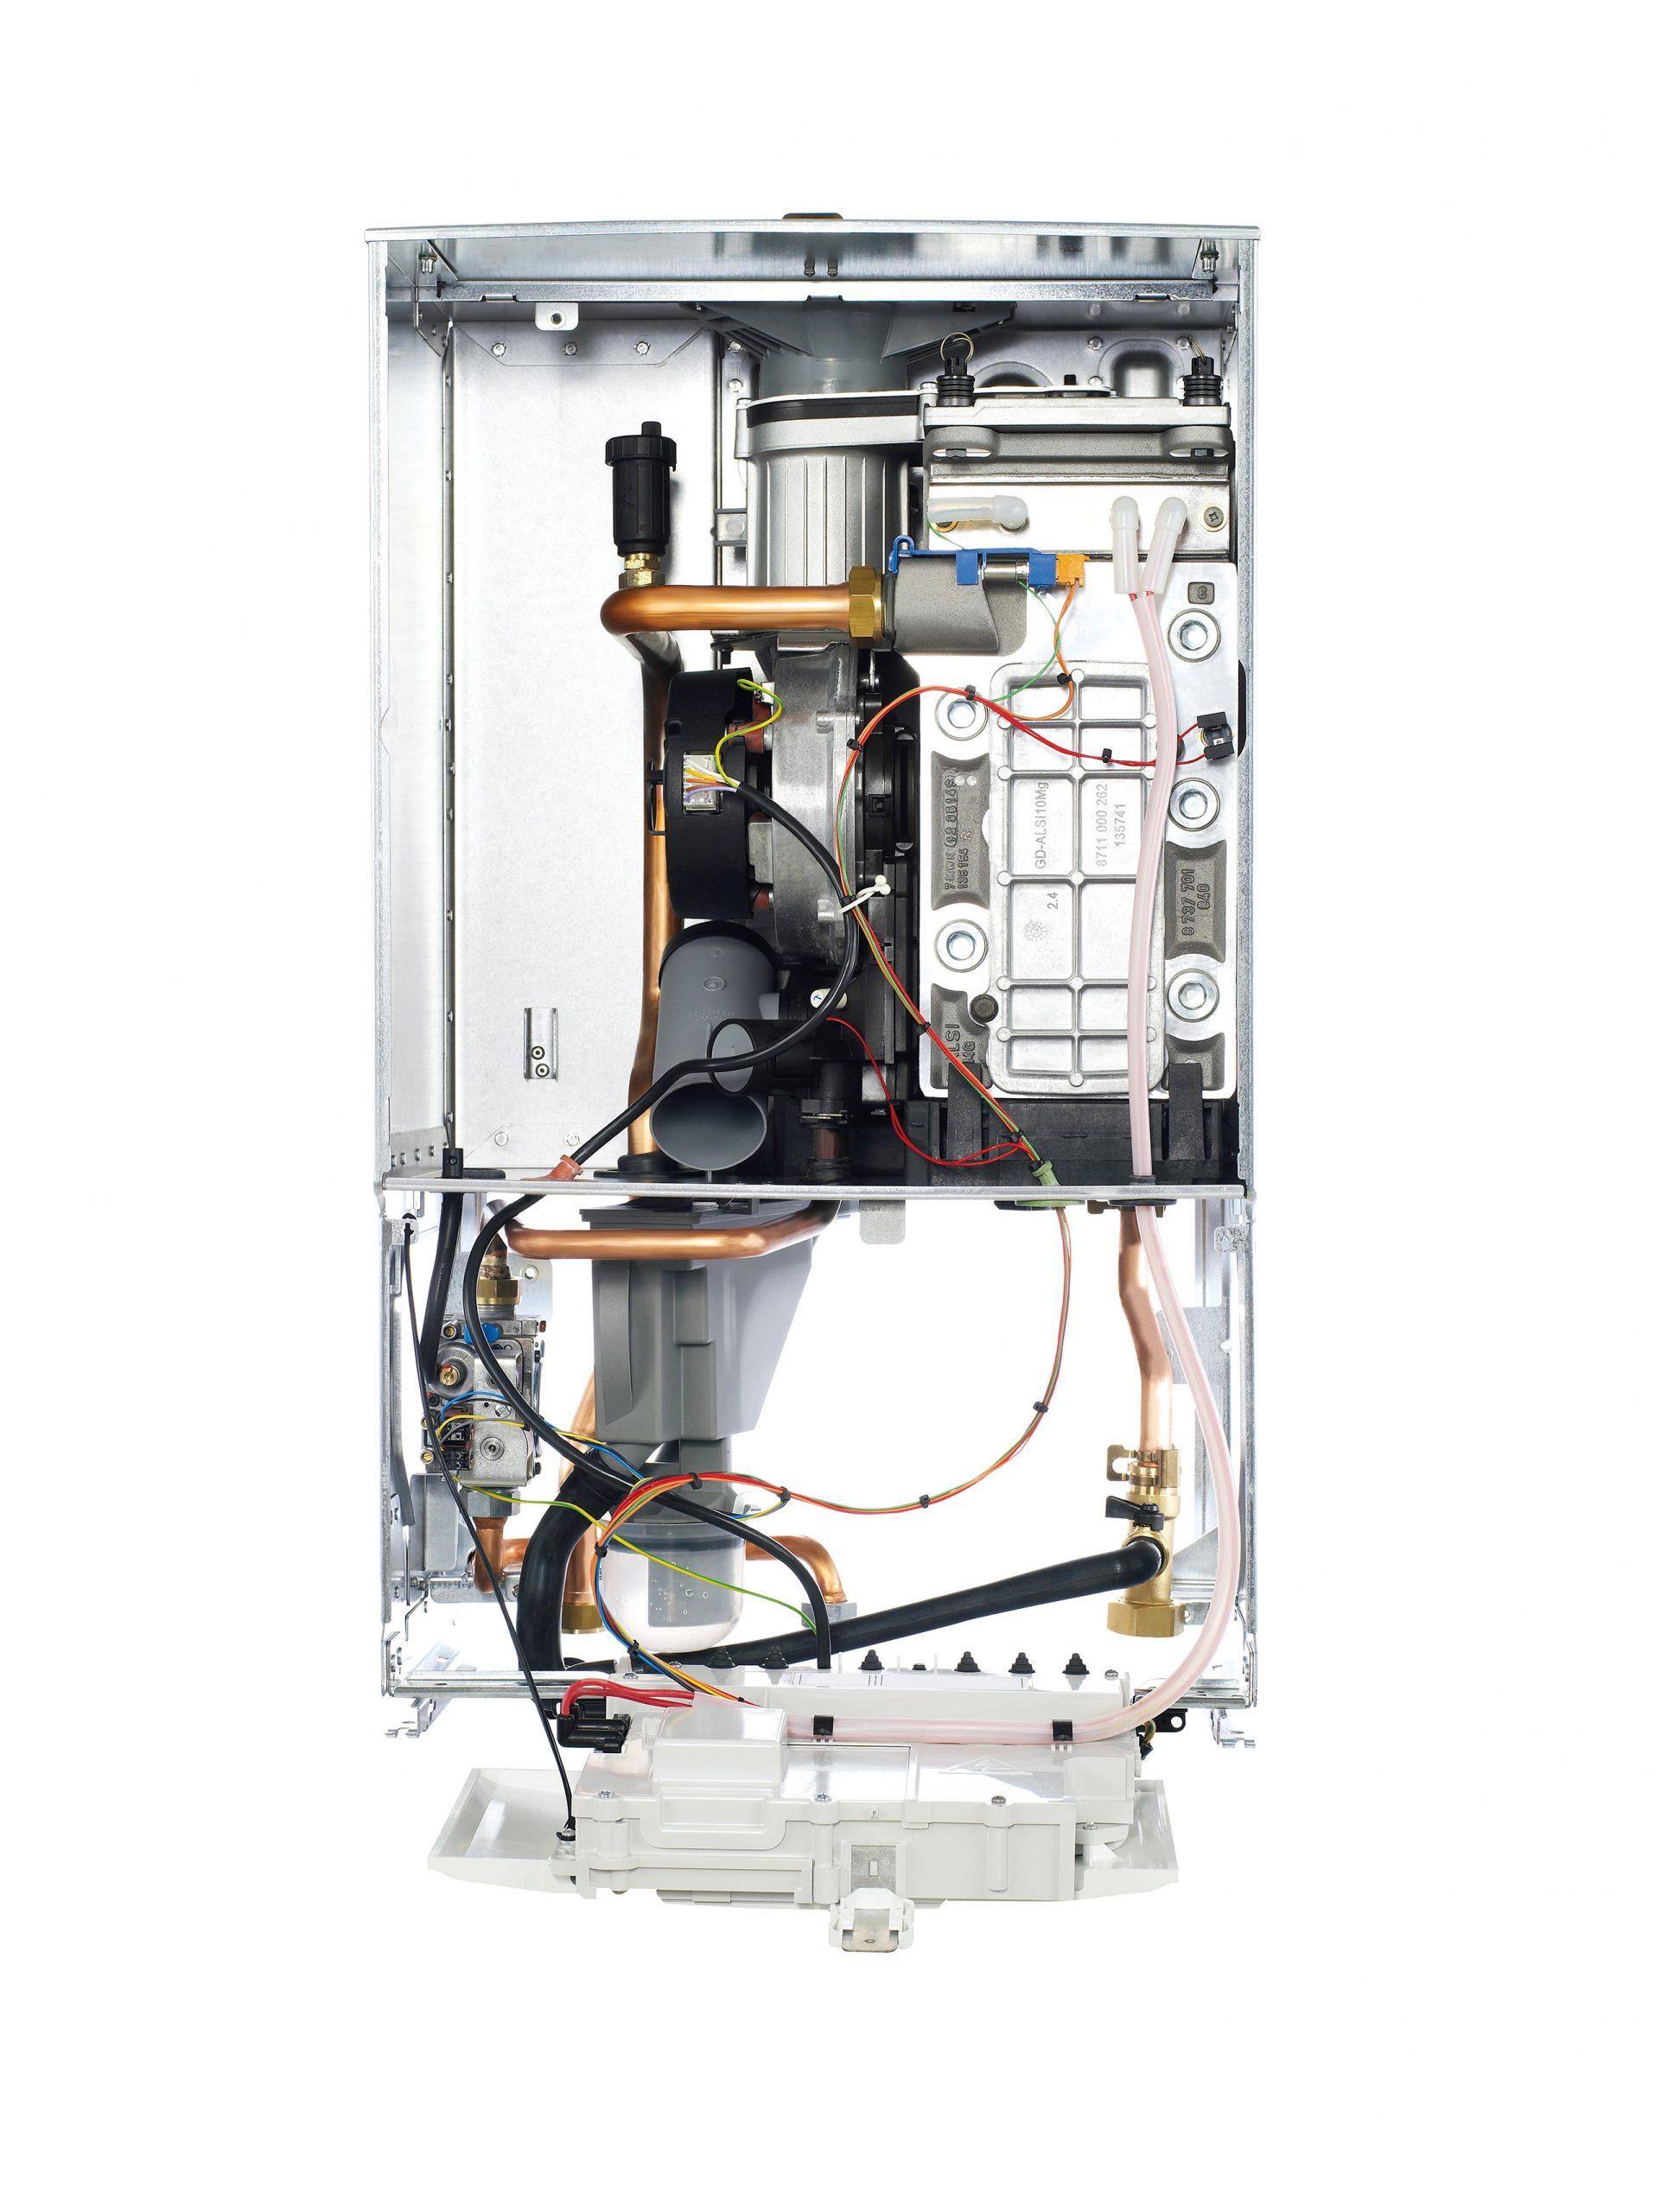 Boiler Repairs - Worcester Greenstar CDi Classic Regular Inside View